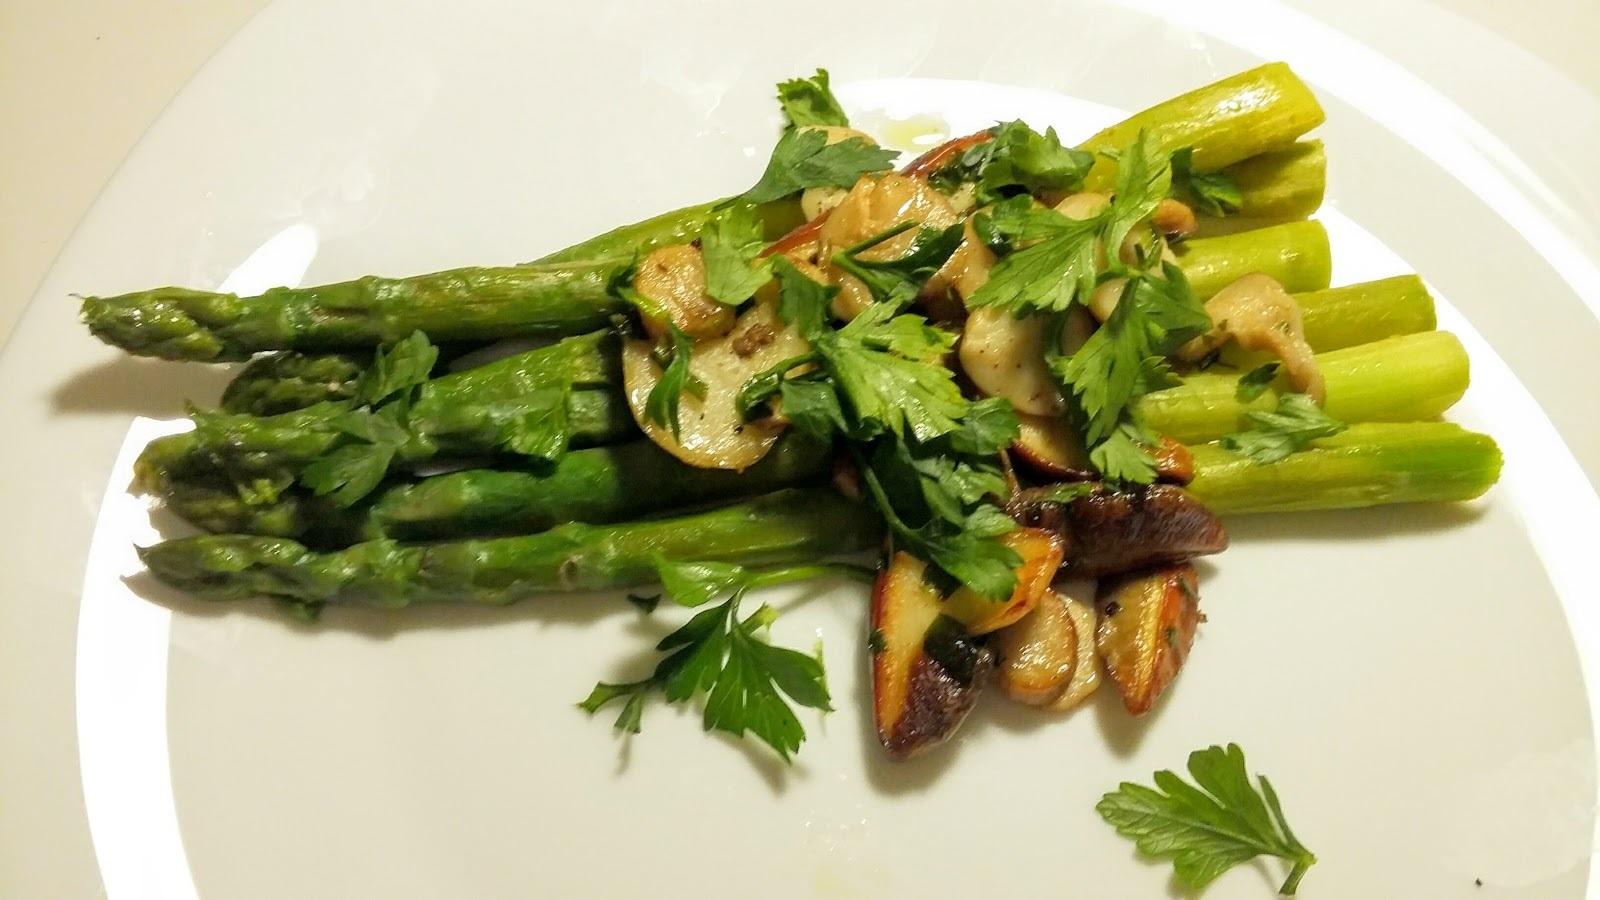 В кулинарии блюда из спаржи считаются деликатесом